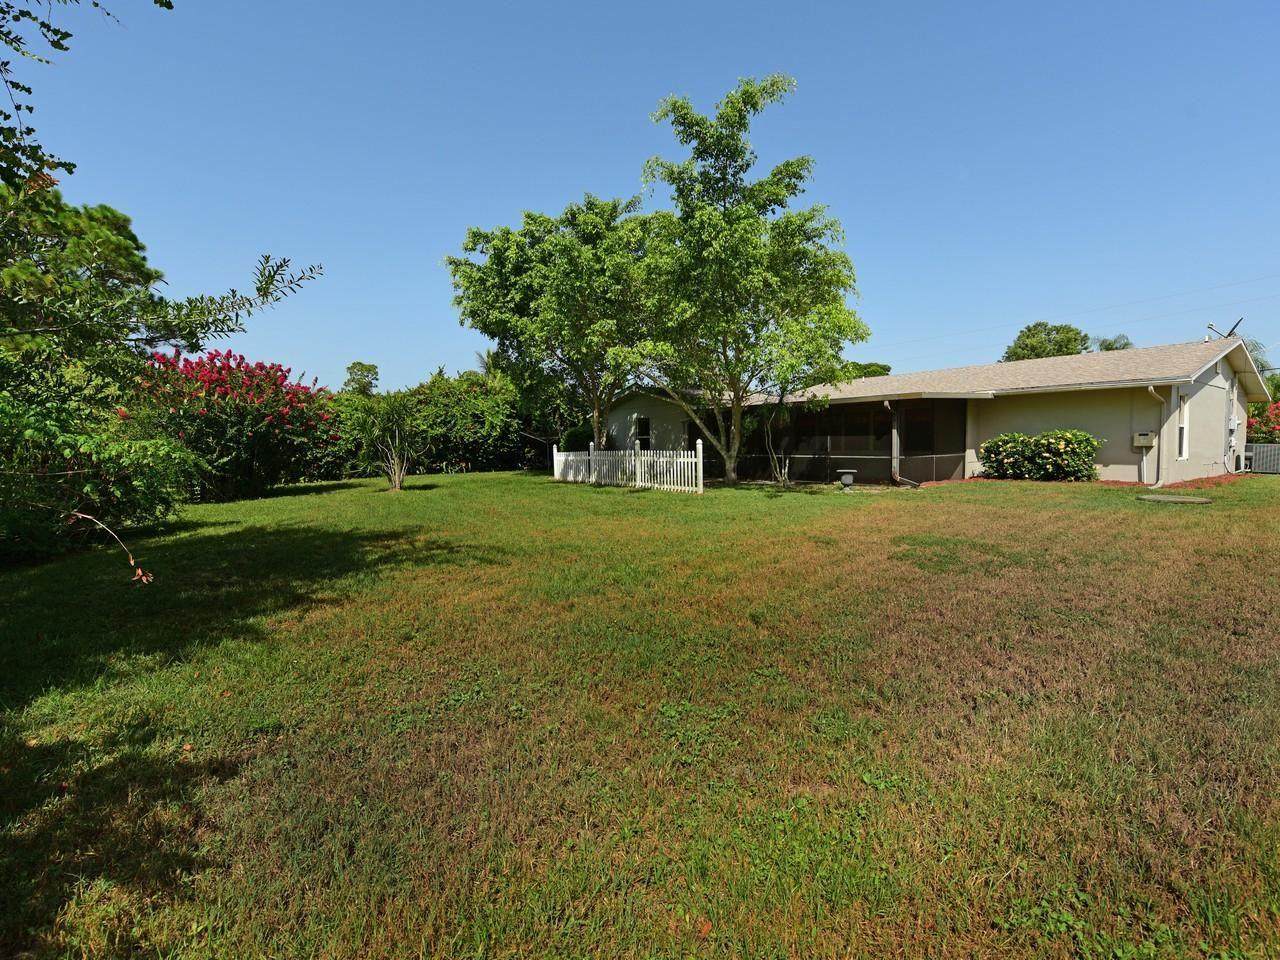 Photo of 1565 SE Pitcher Road, Port Saint Lucie, FL 34952 (MLS # RX-10635887)